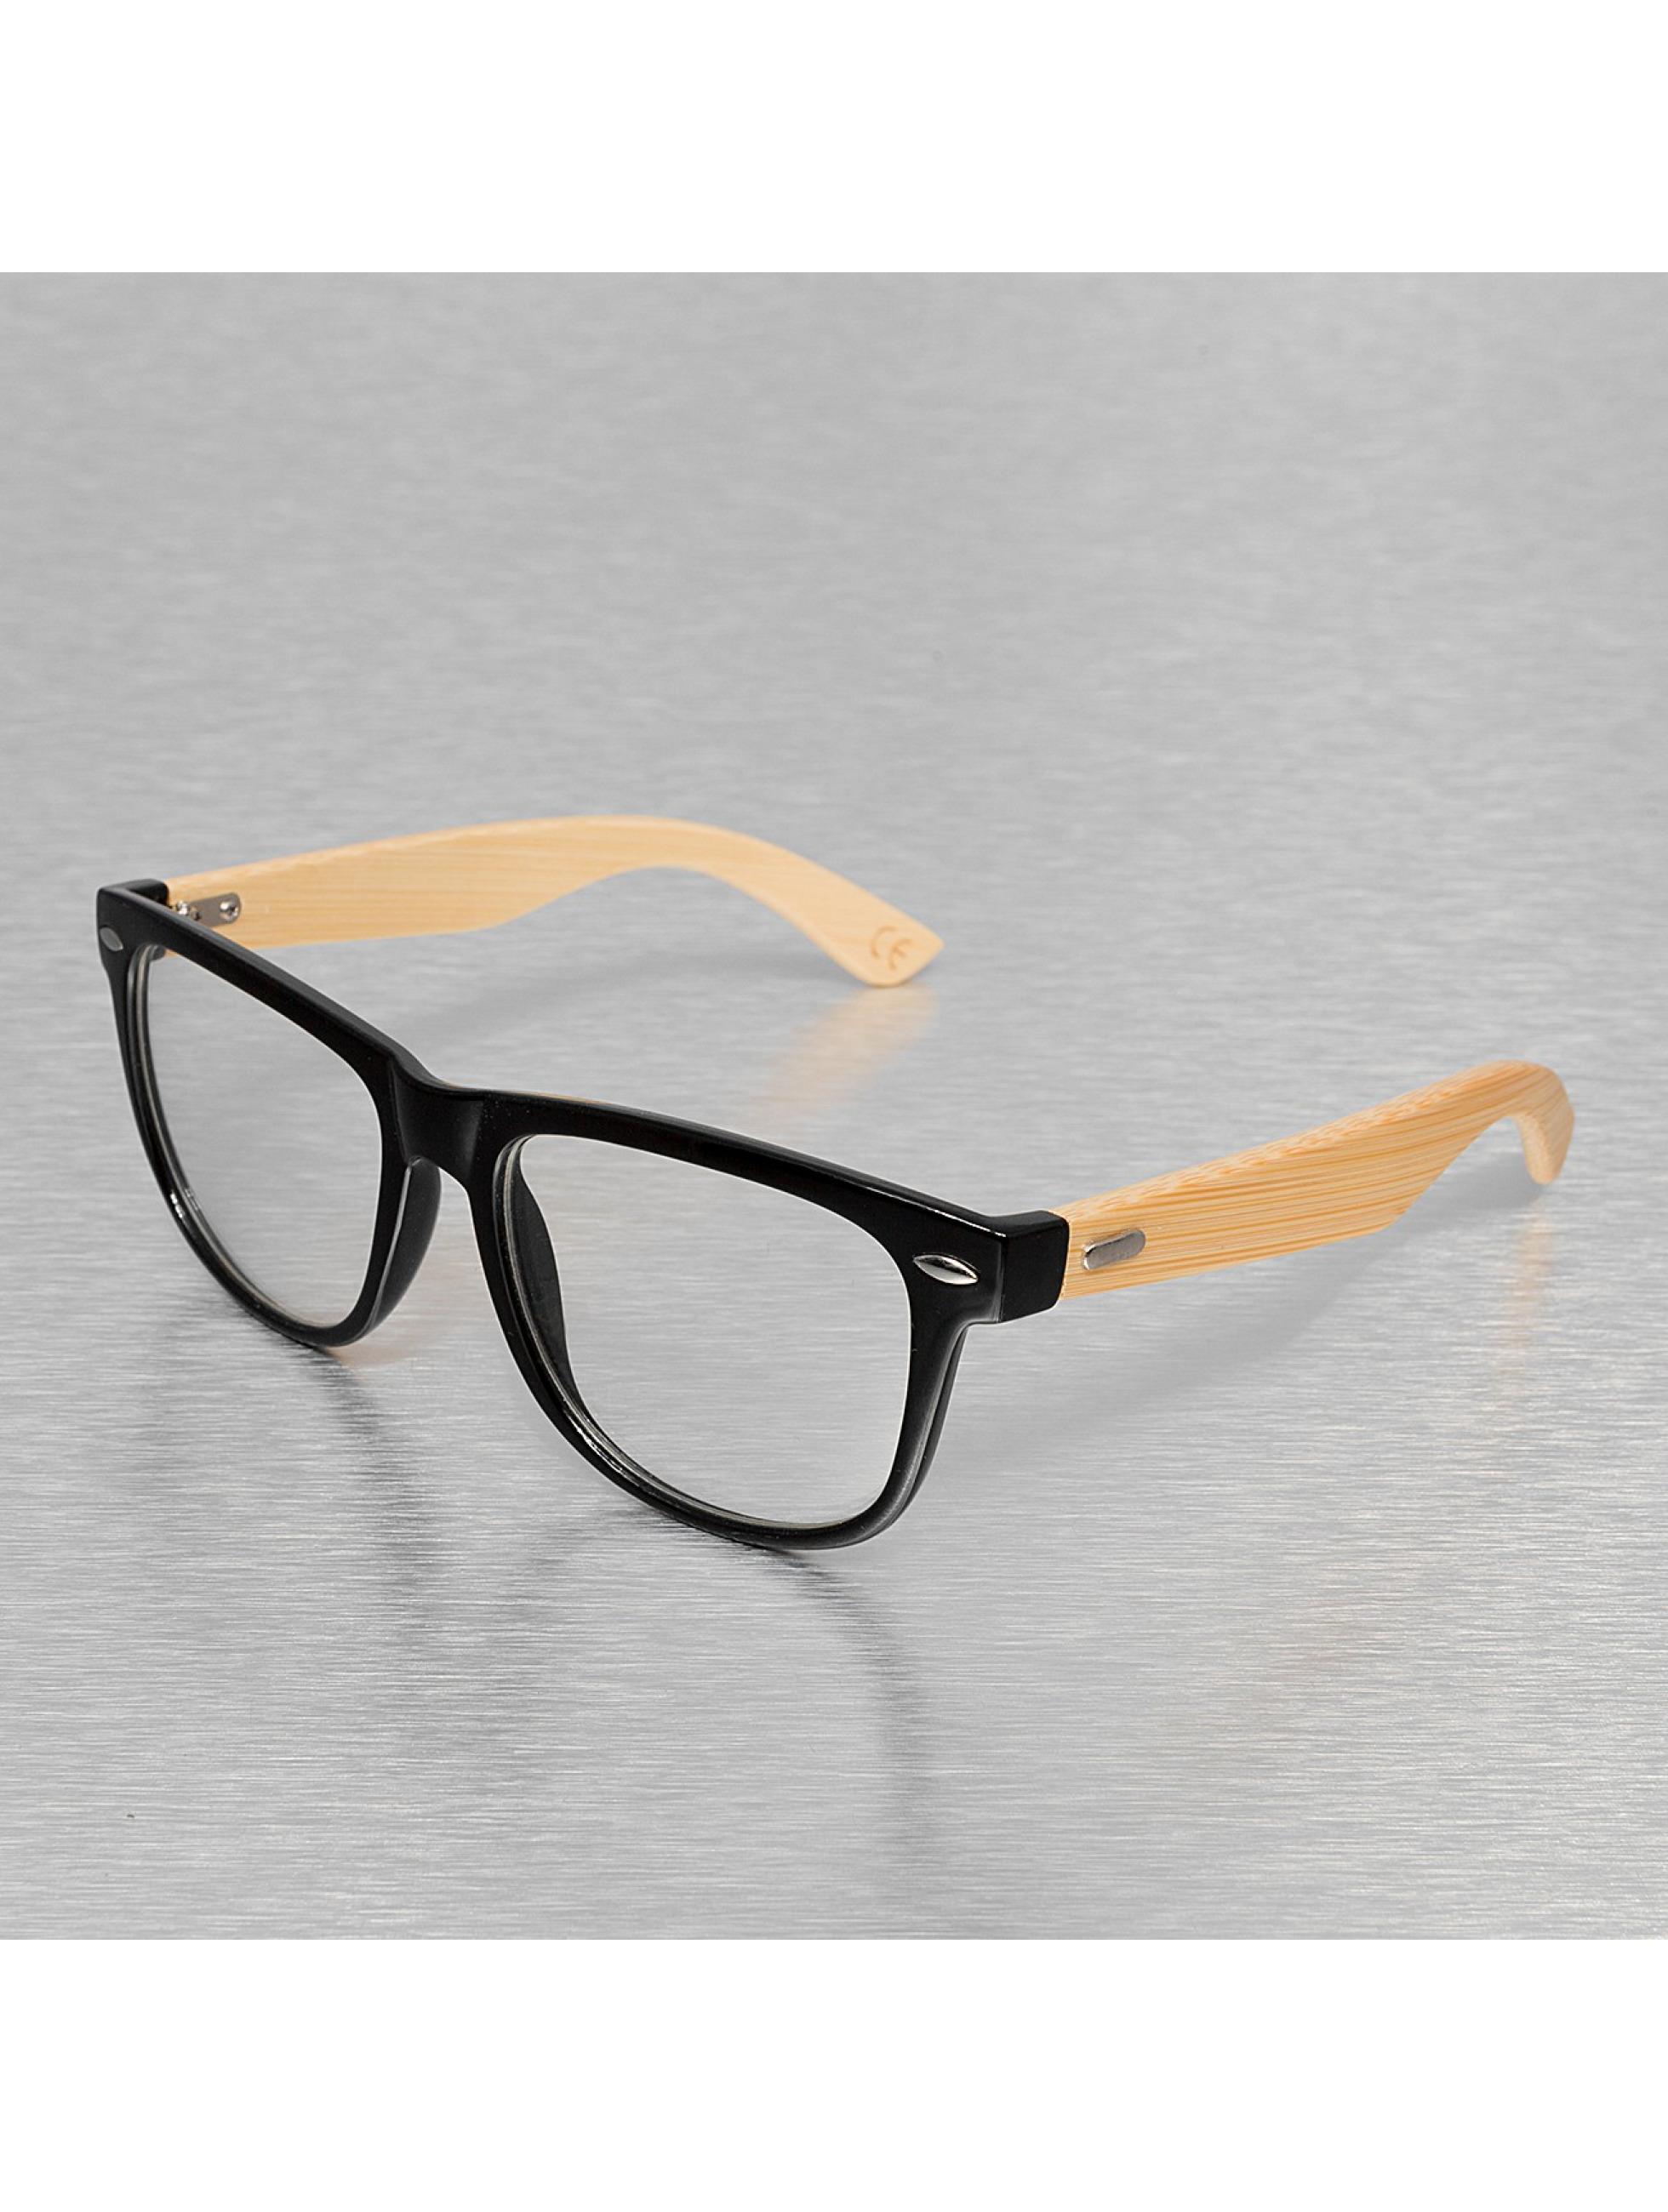 Miami Vision Sonnenbrille Bamboo schwarz